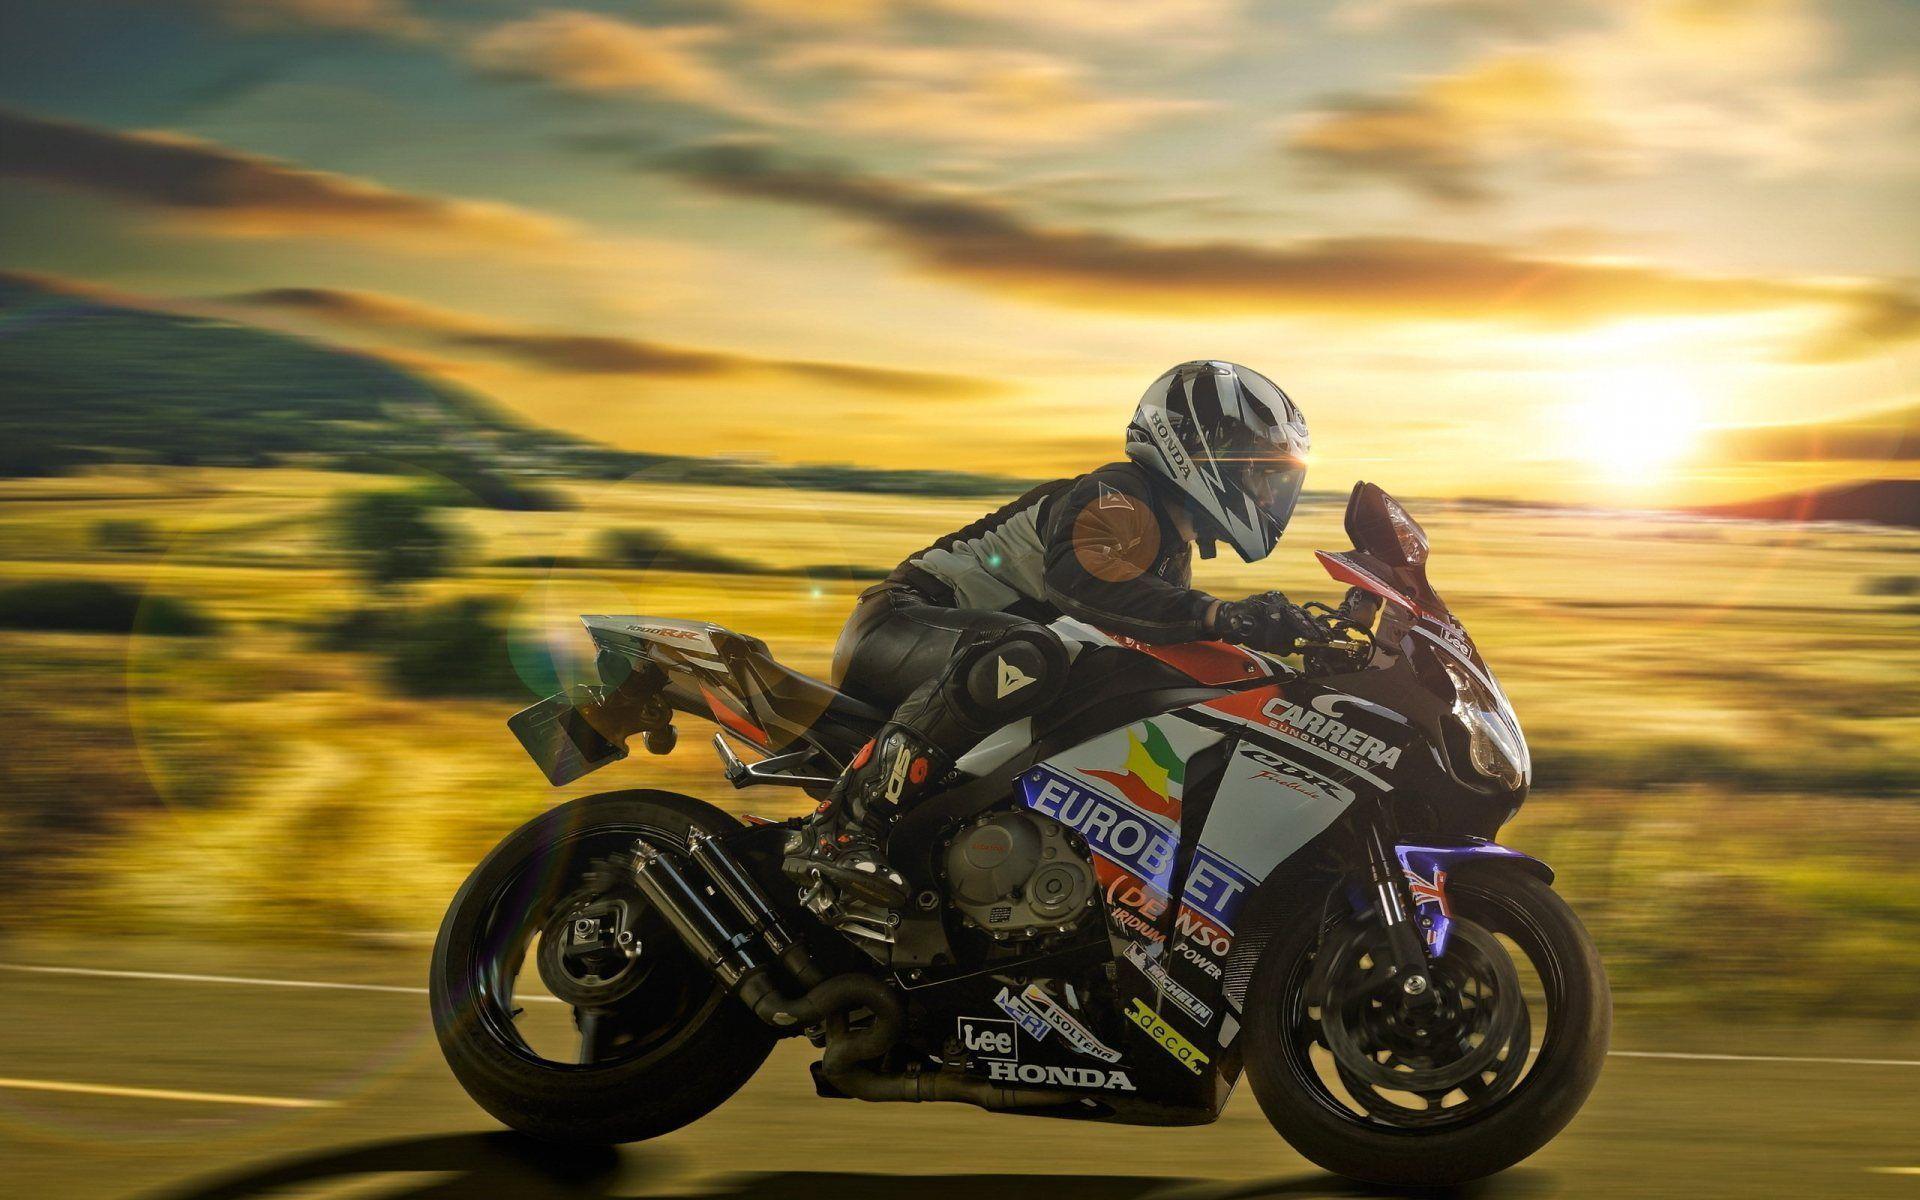 Superbike Wallpapers - Wallpaper CaveHonda Superbike 2013 Wallpaper